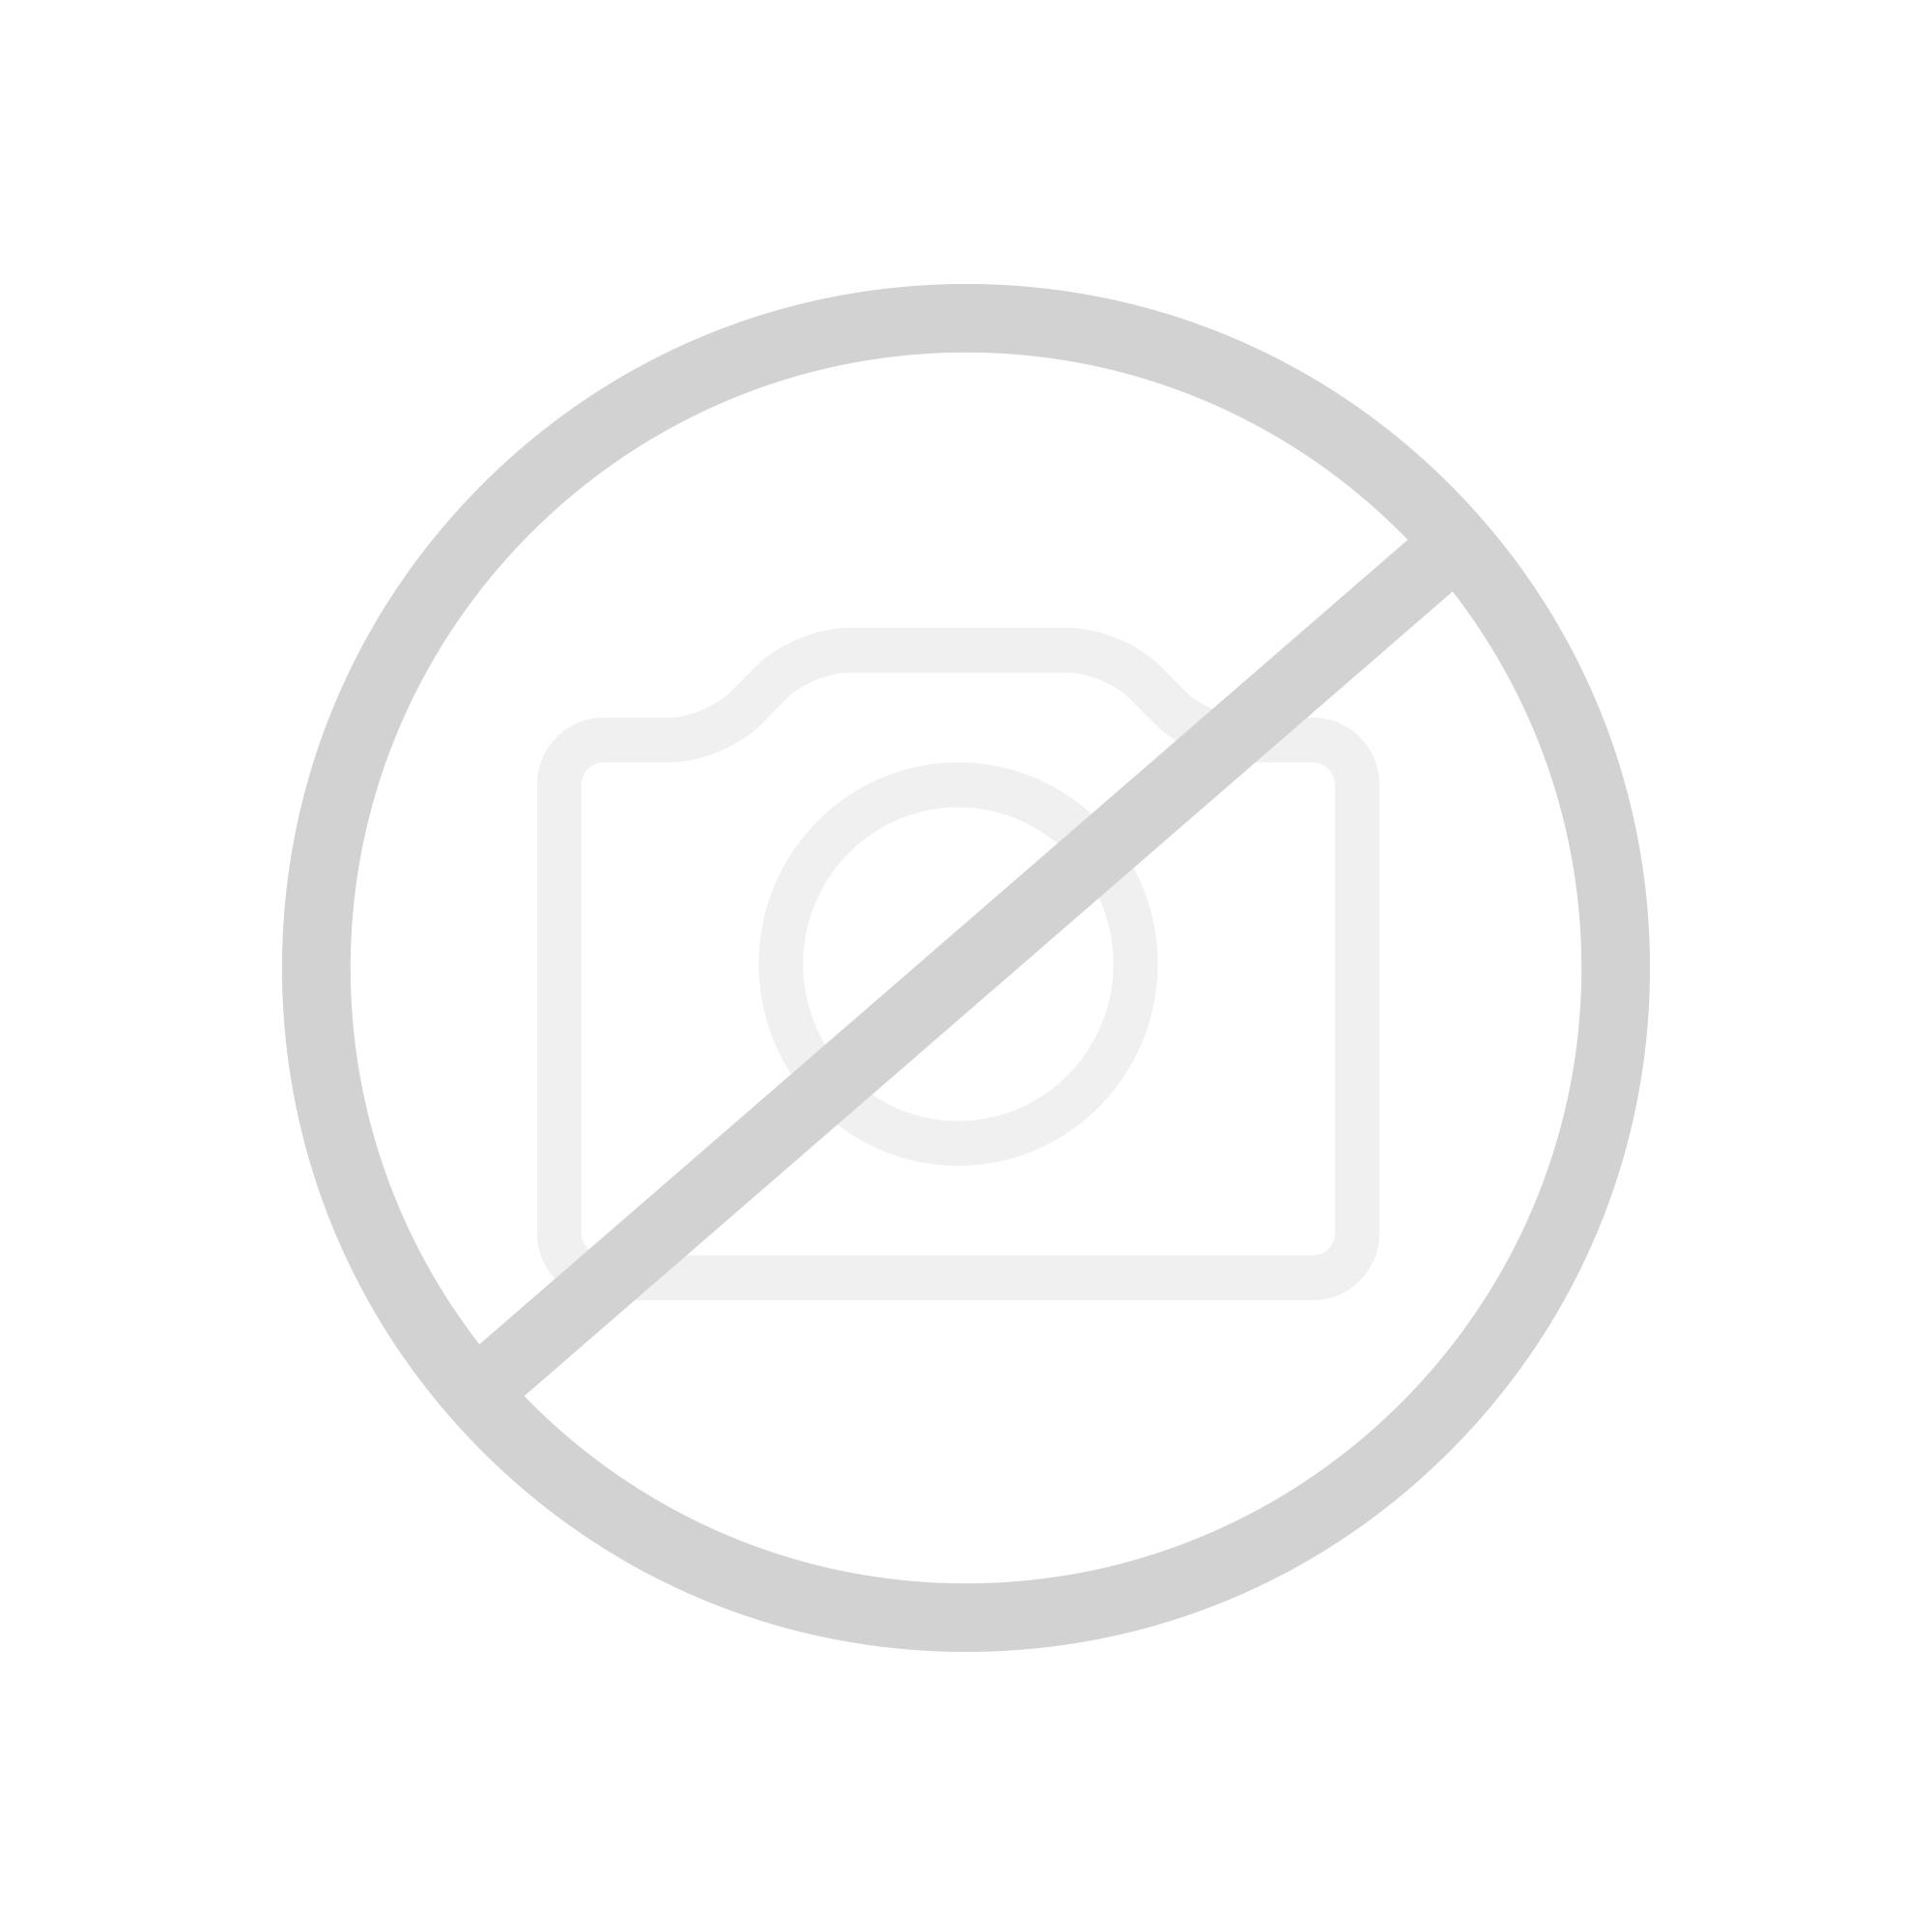 Geberit Sigma50 Betätigungsplatte für 2-Mengen-Spülung weiß/chrom gebürstet/chrom gebürstet